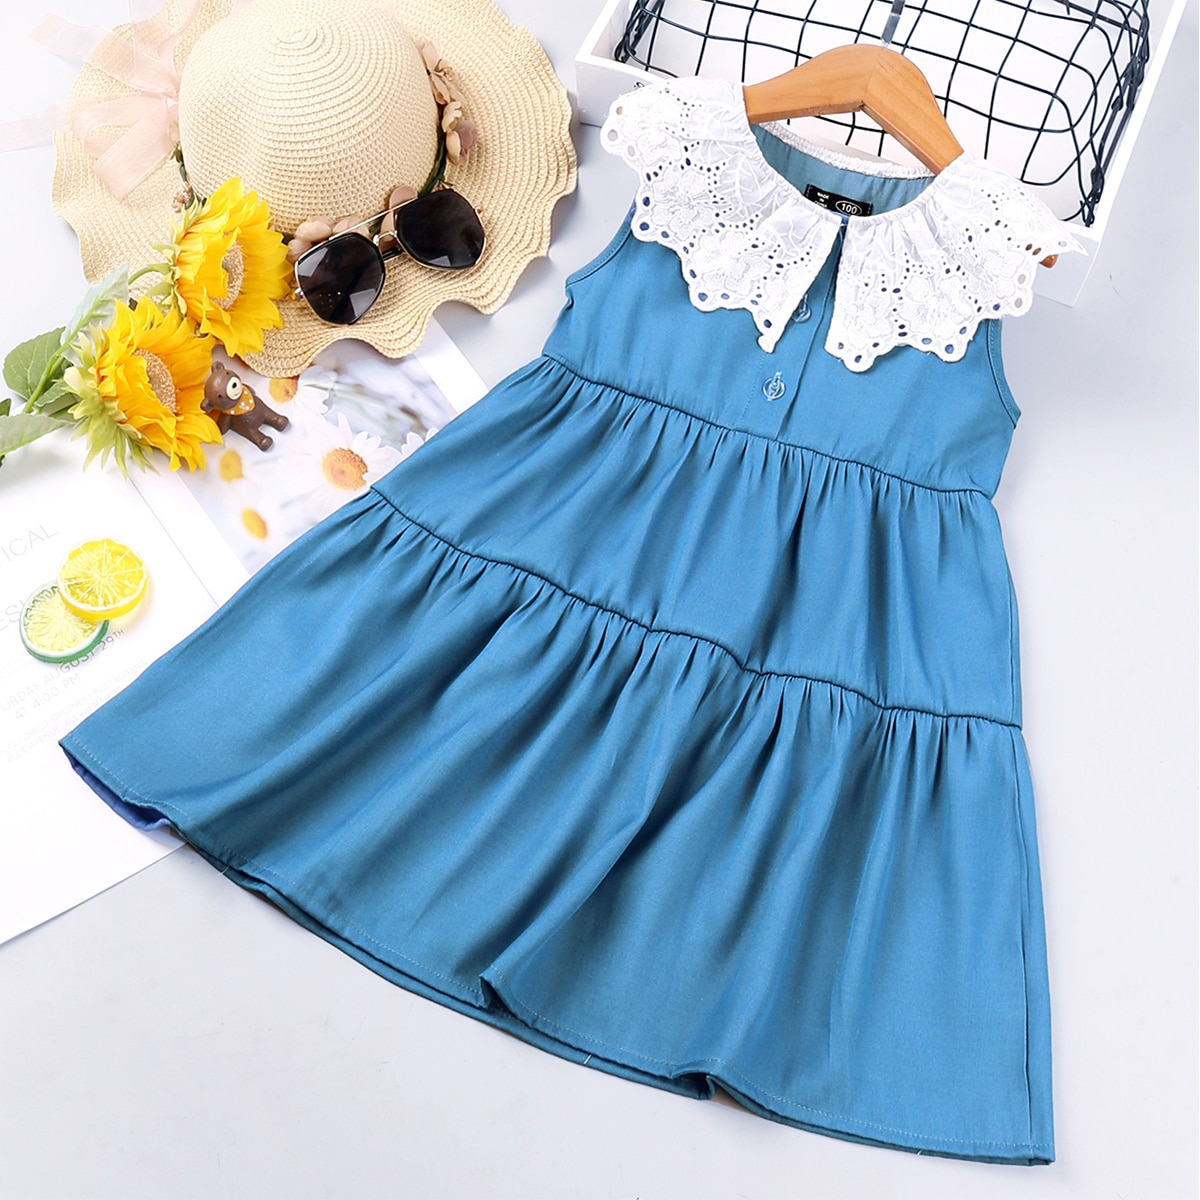 с оборками Контрастный цвет милый Джинсовые платья для девочек SheIn skdress25210406221